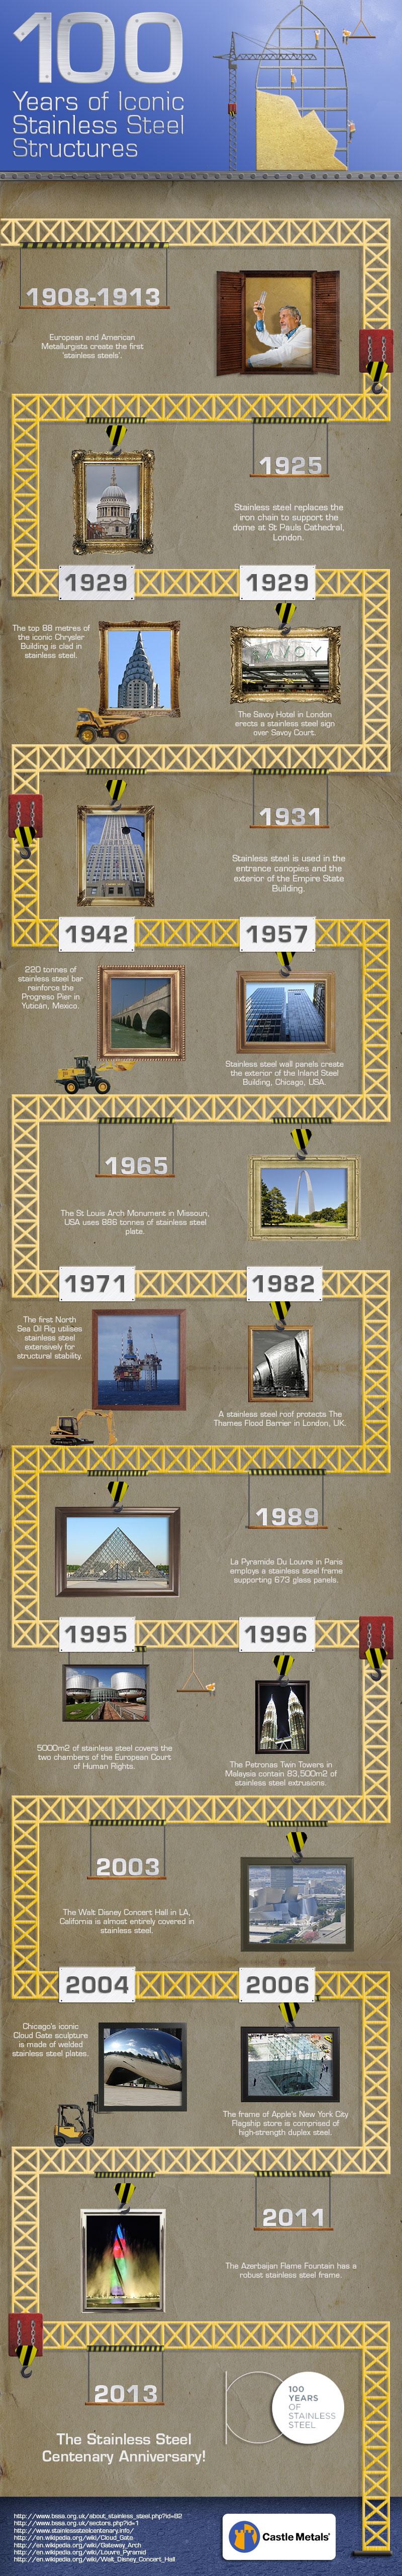 Pioneer Steel Buildings-Infographic